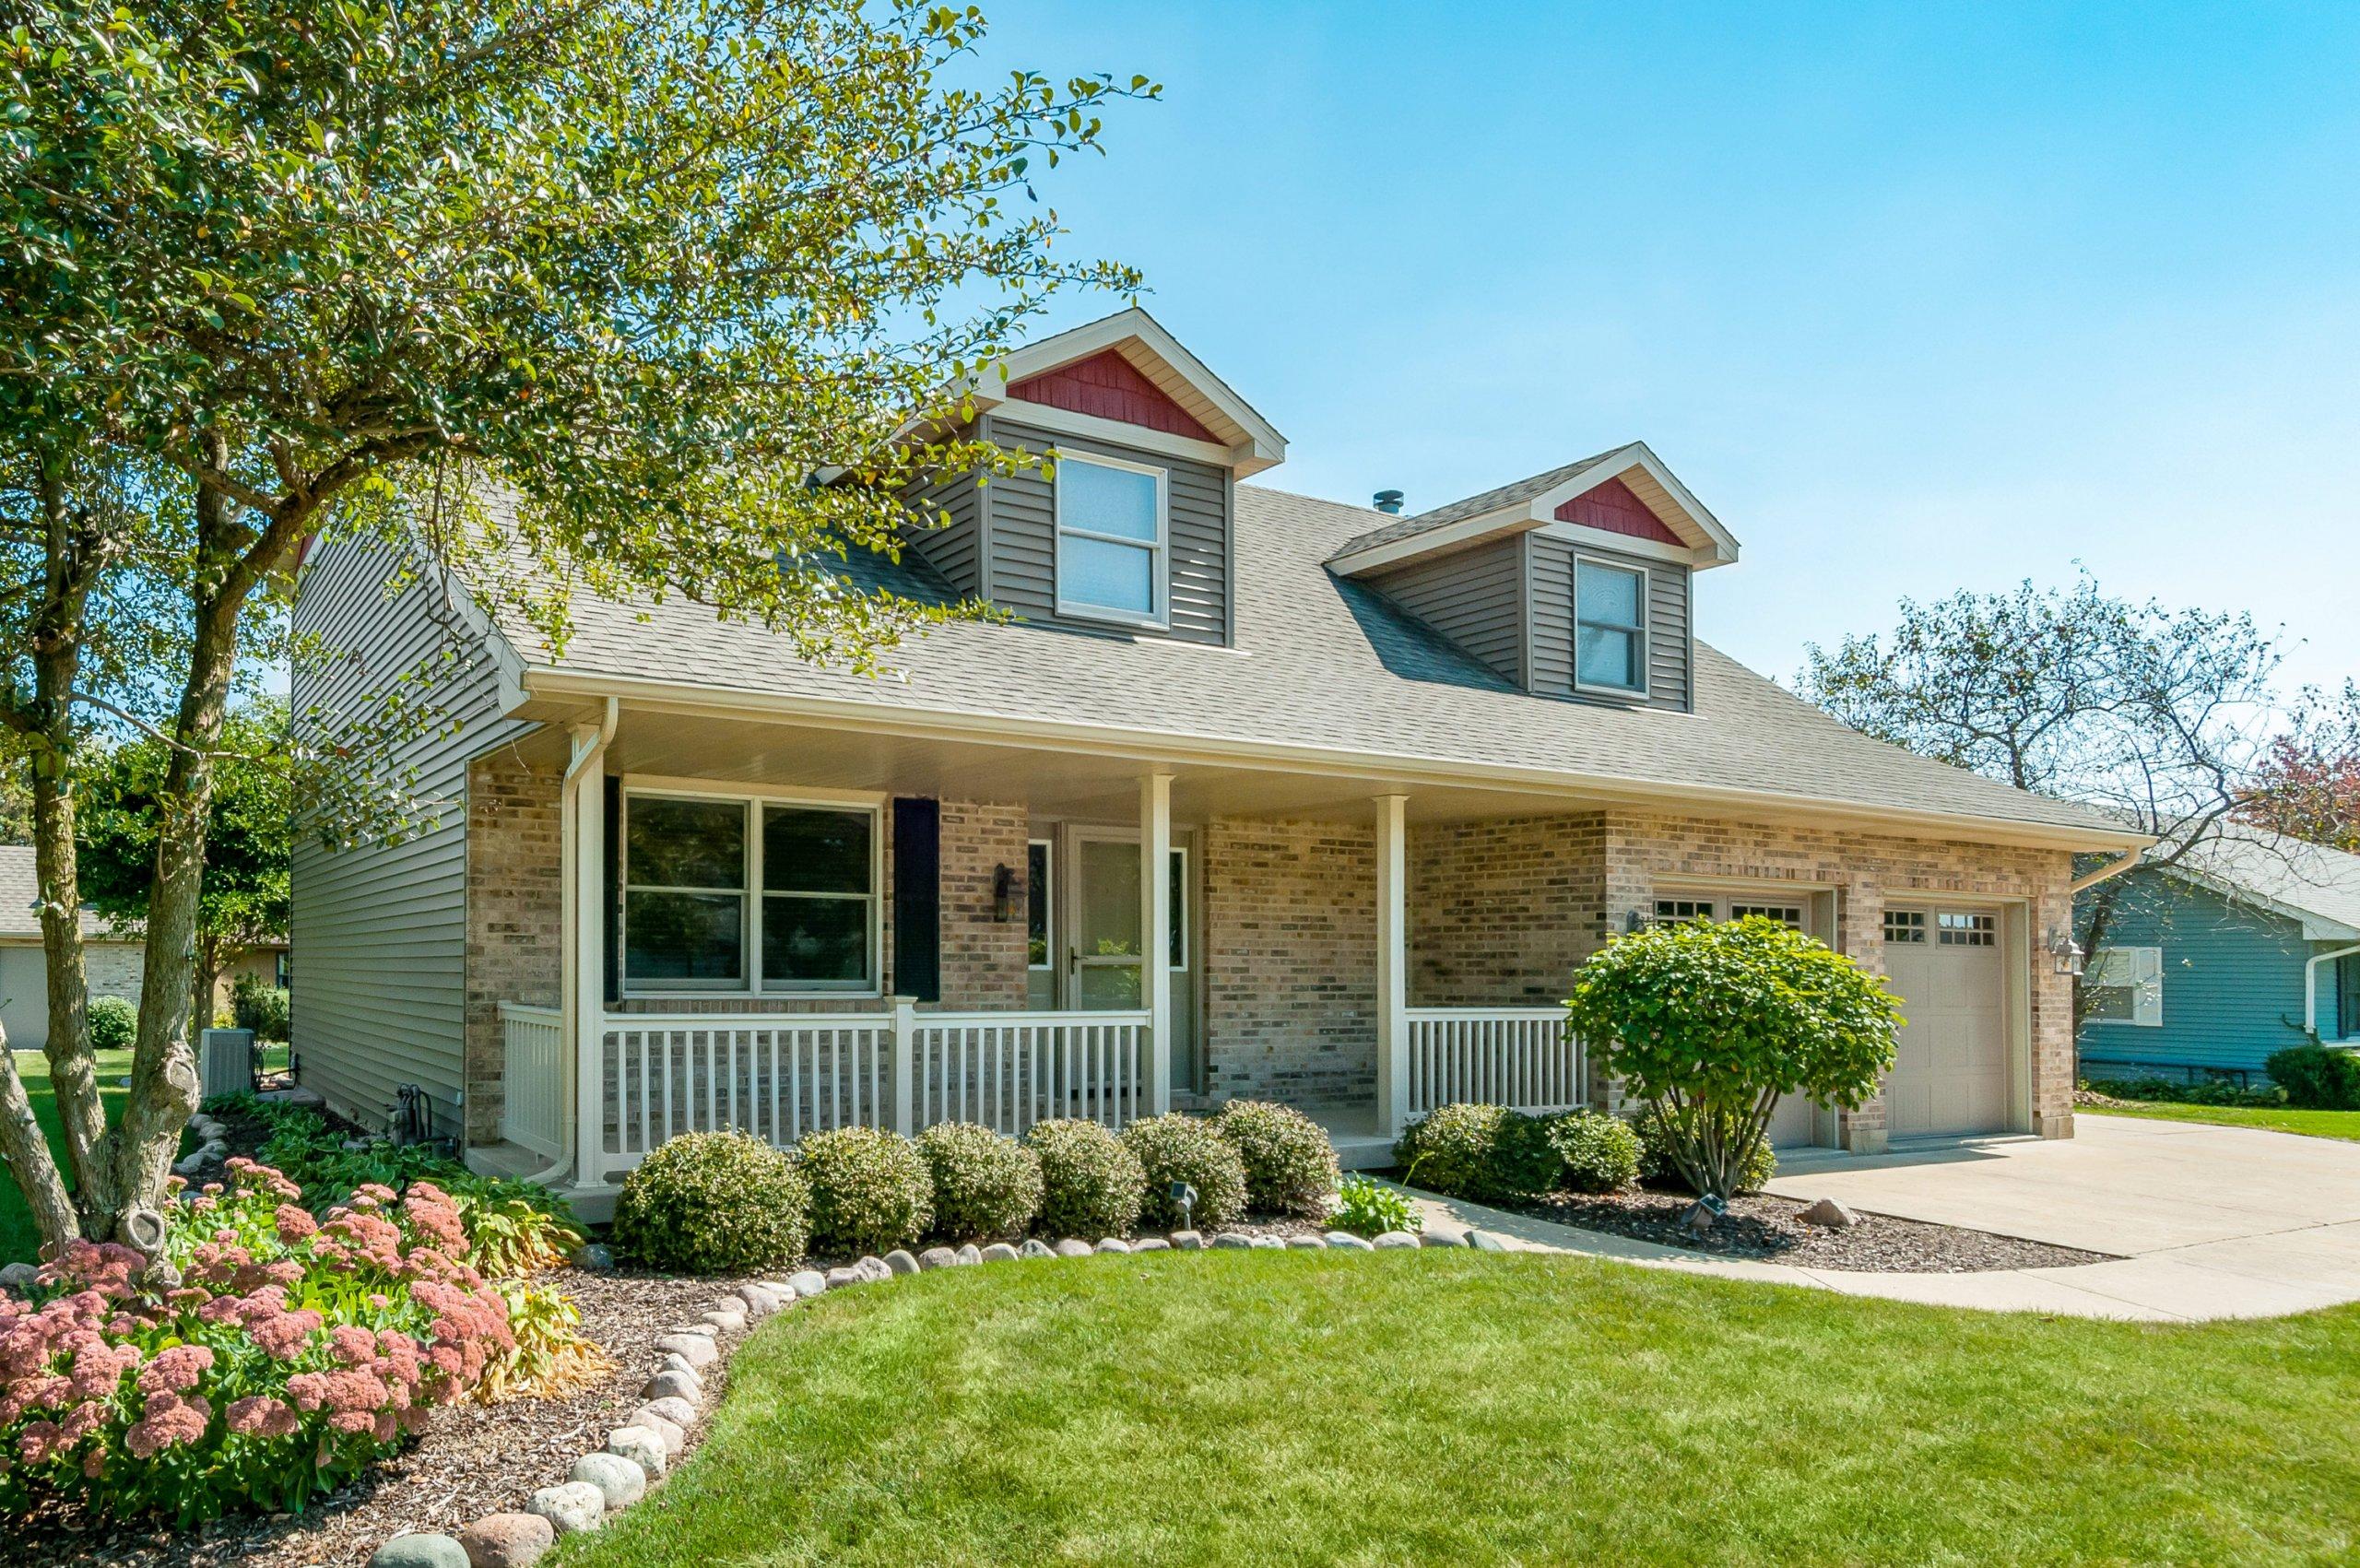 304 Woodworth St., Yorkville, Illinois